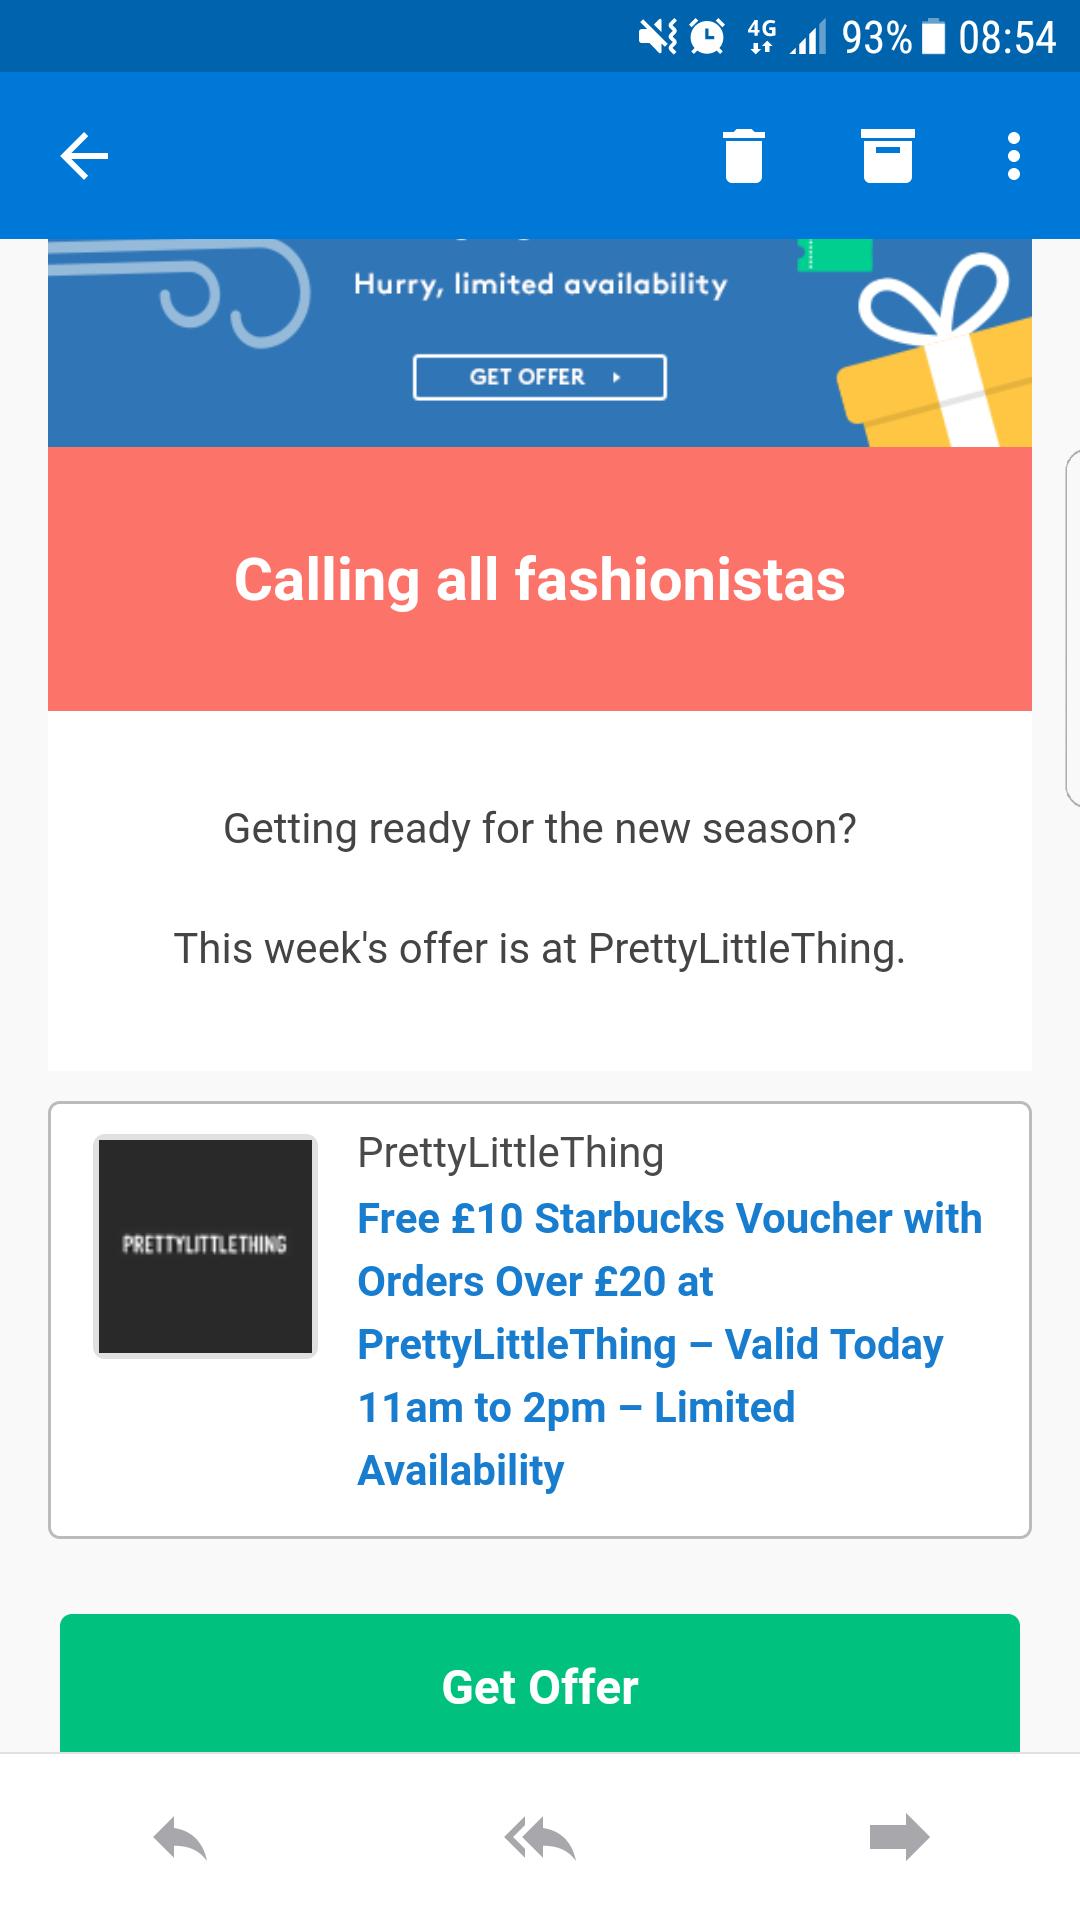 Voucher codes spend £20 @ prettylittlething and get a £10 Starbucks voucher